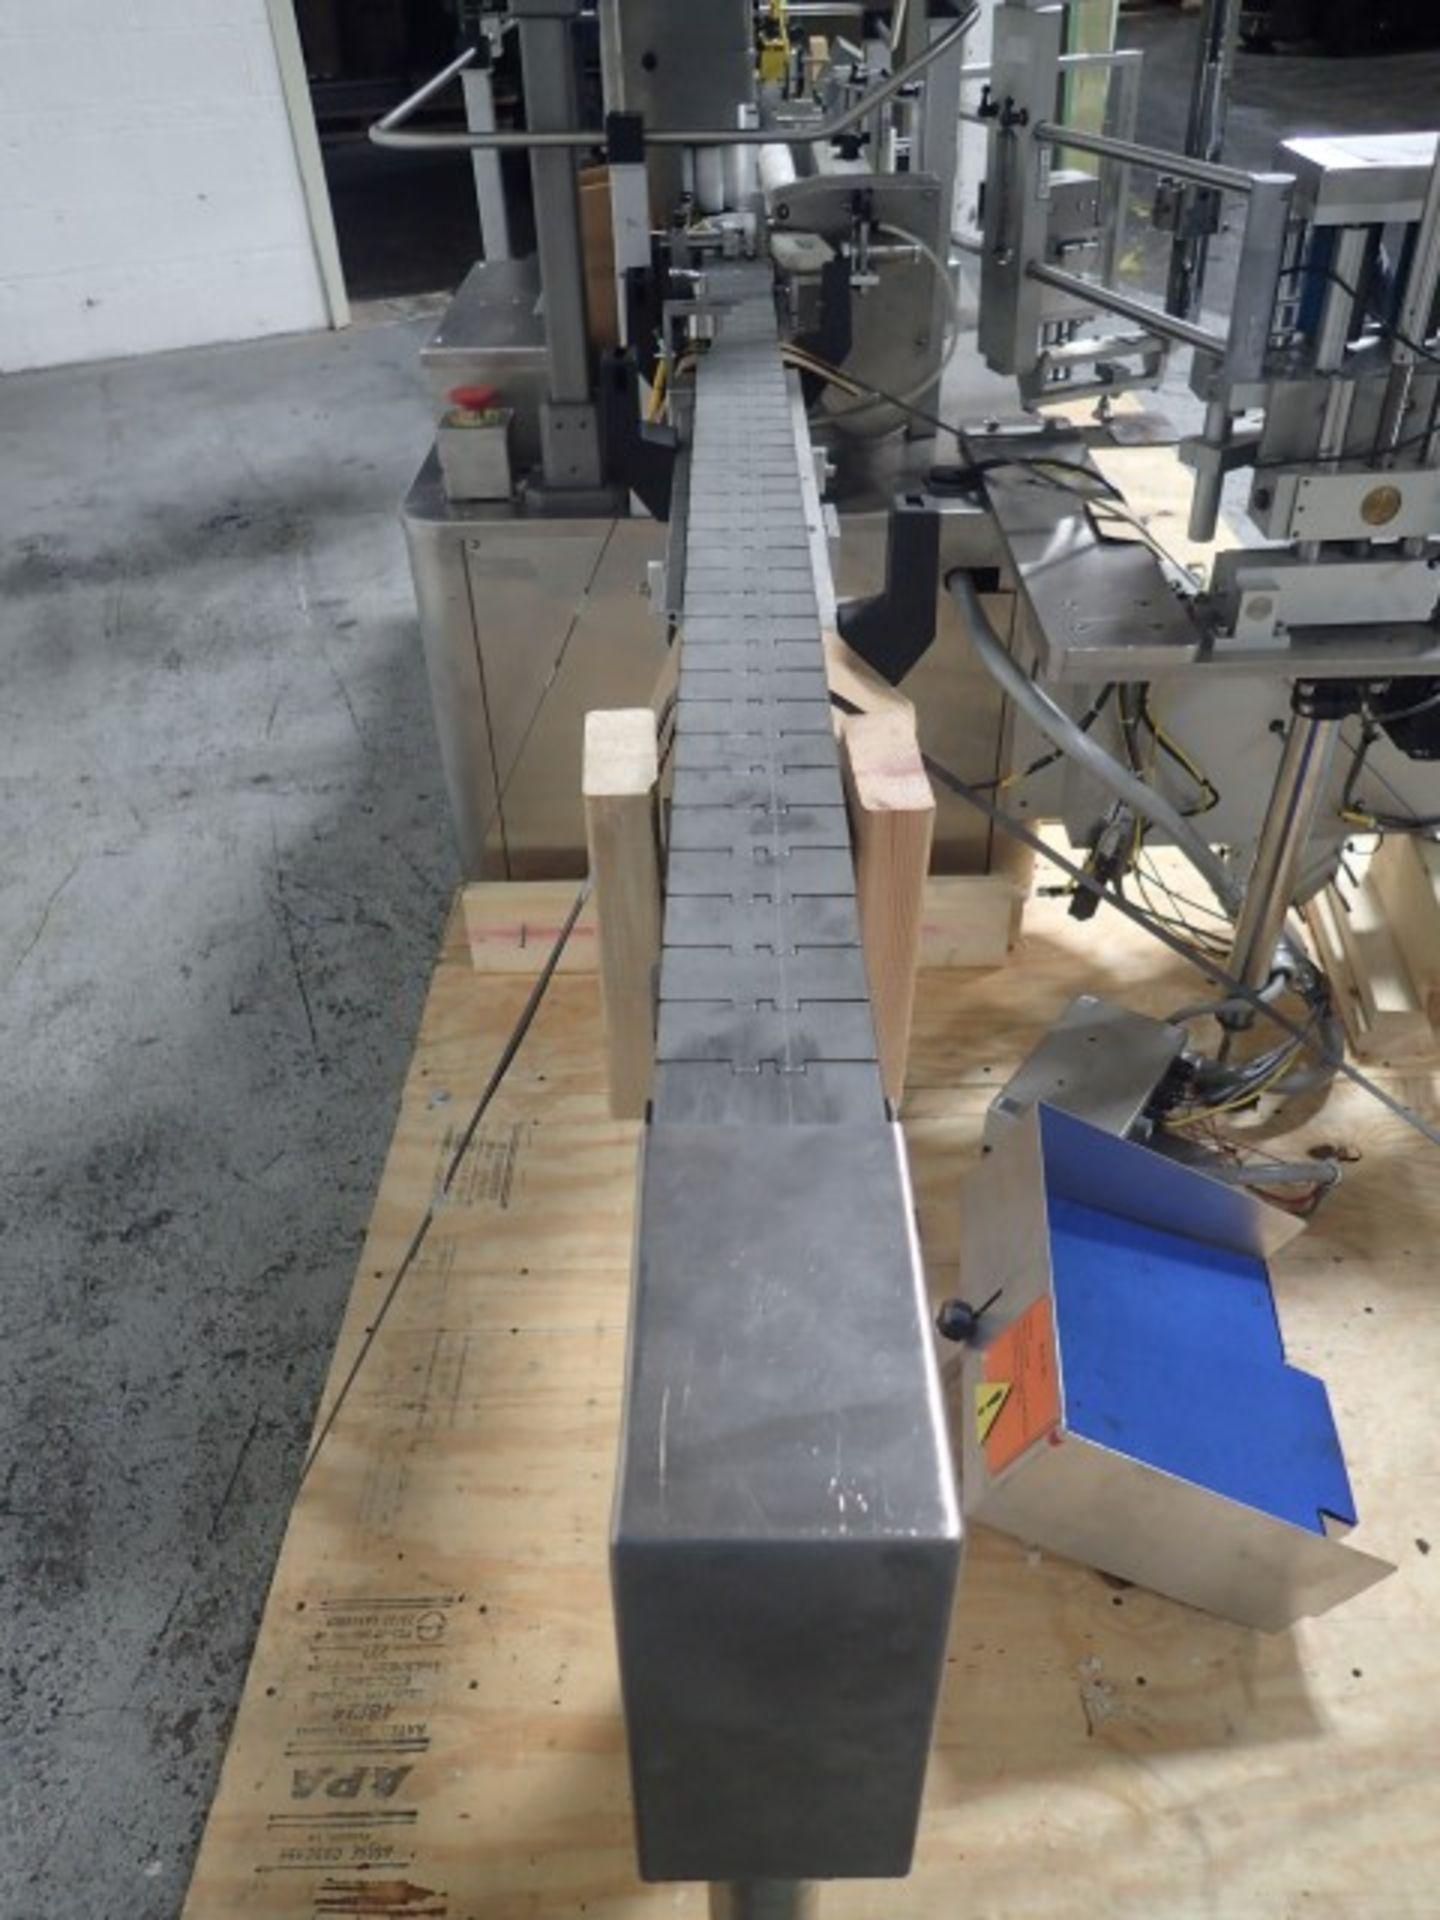 Lot 8 - Sancoa vertical roller labeler, model PVR-1000